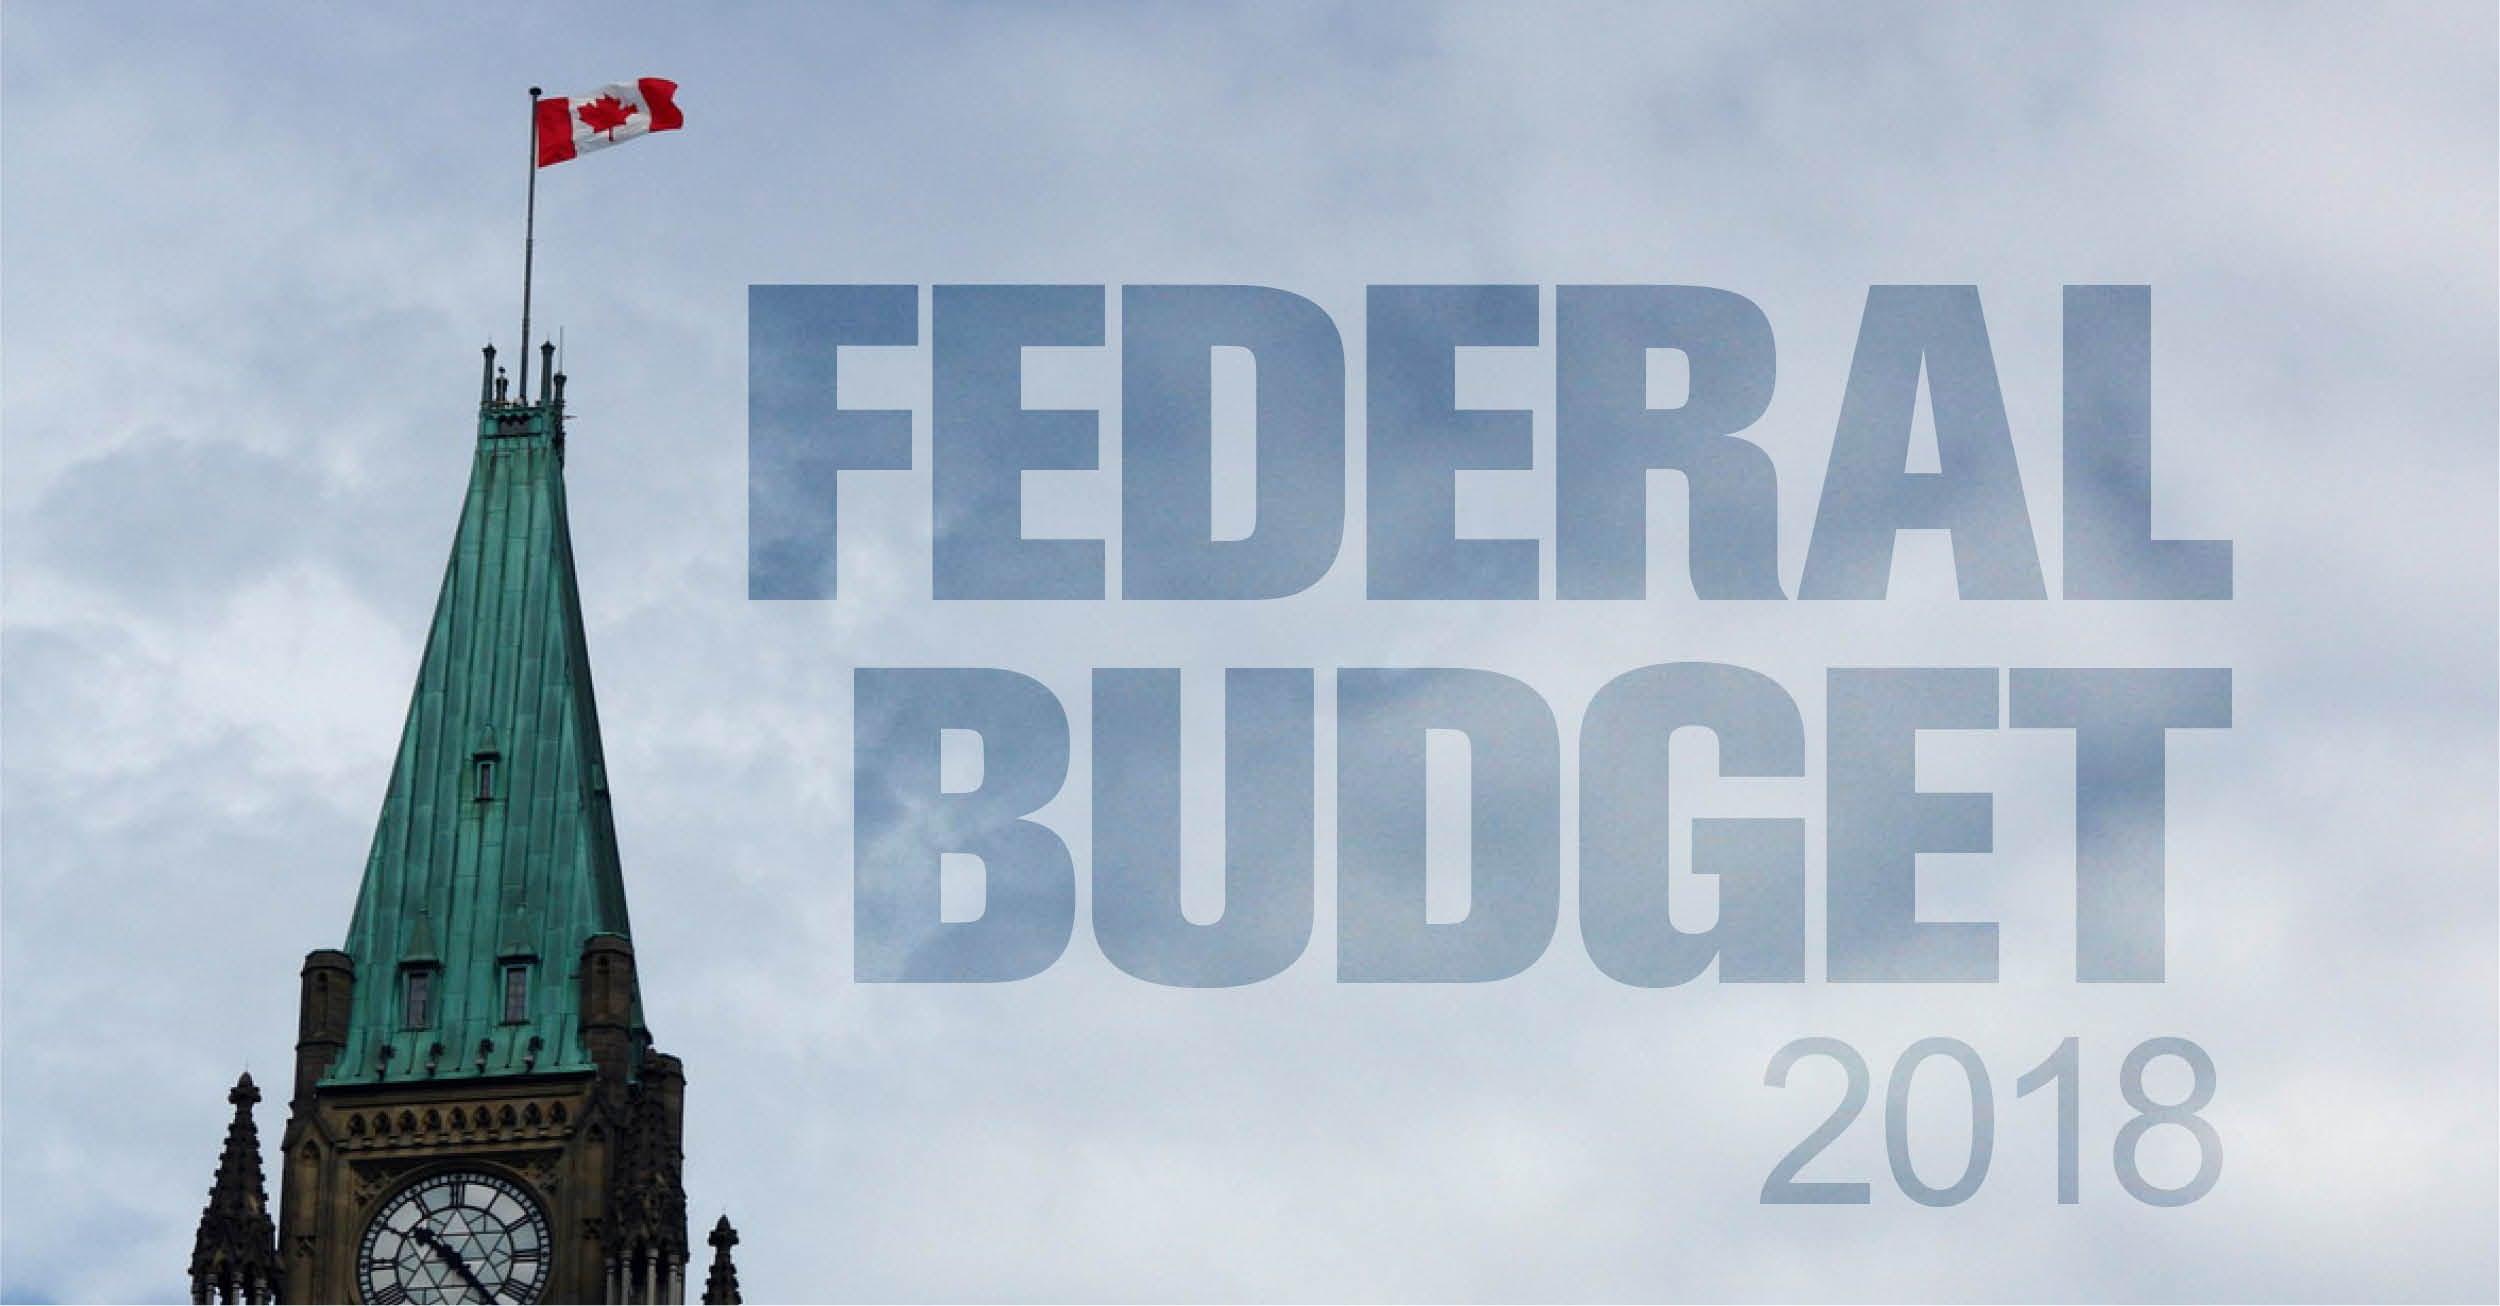 Дефицит бюджета Канады будет на 8 млрд. больше, чем прогнозировалось